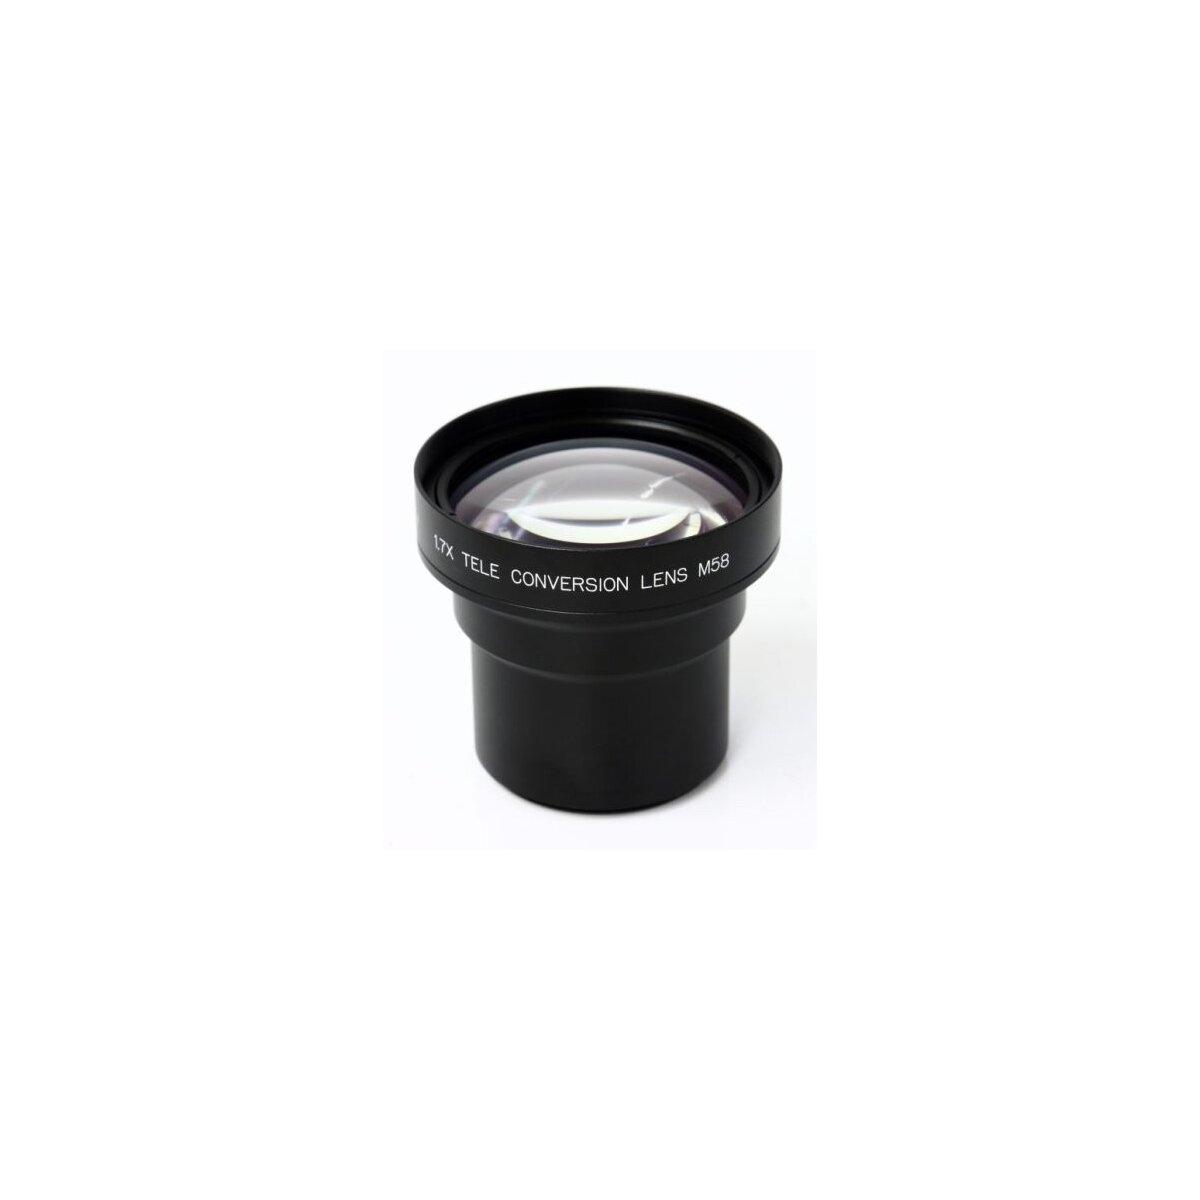 1.7x Hochleistungs Tele Objektiv Vorsatz fuer Canon Powershot Pro1 58mm inkl. Adapter ( Sonnenblende Optional LTH-82 )